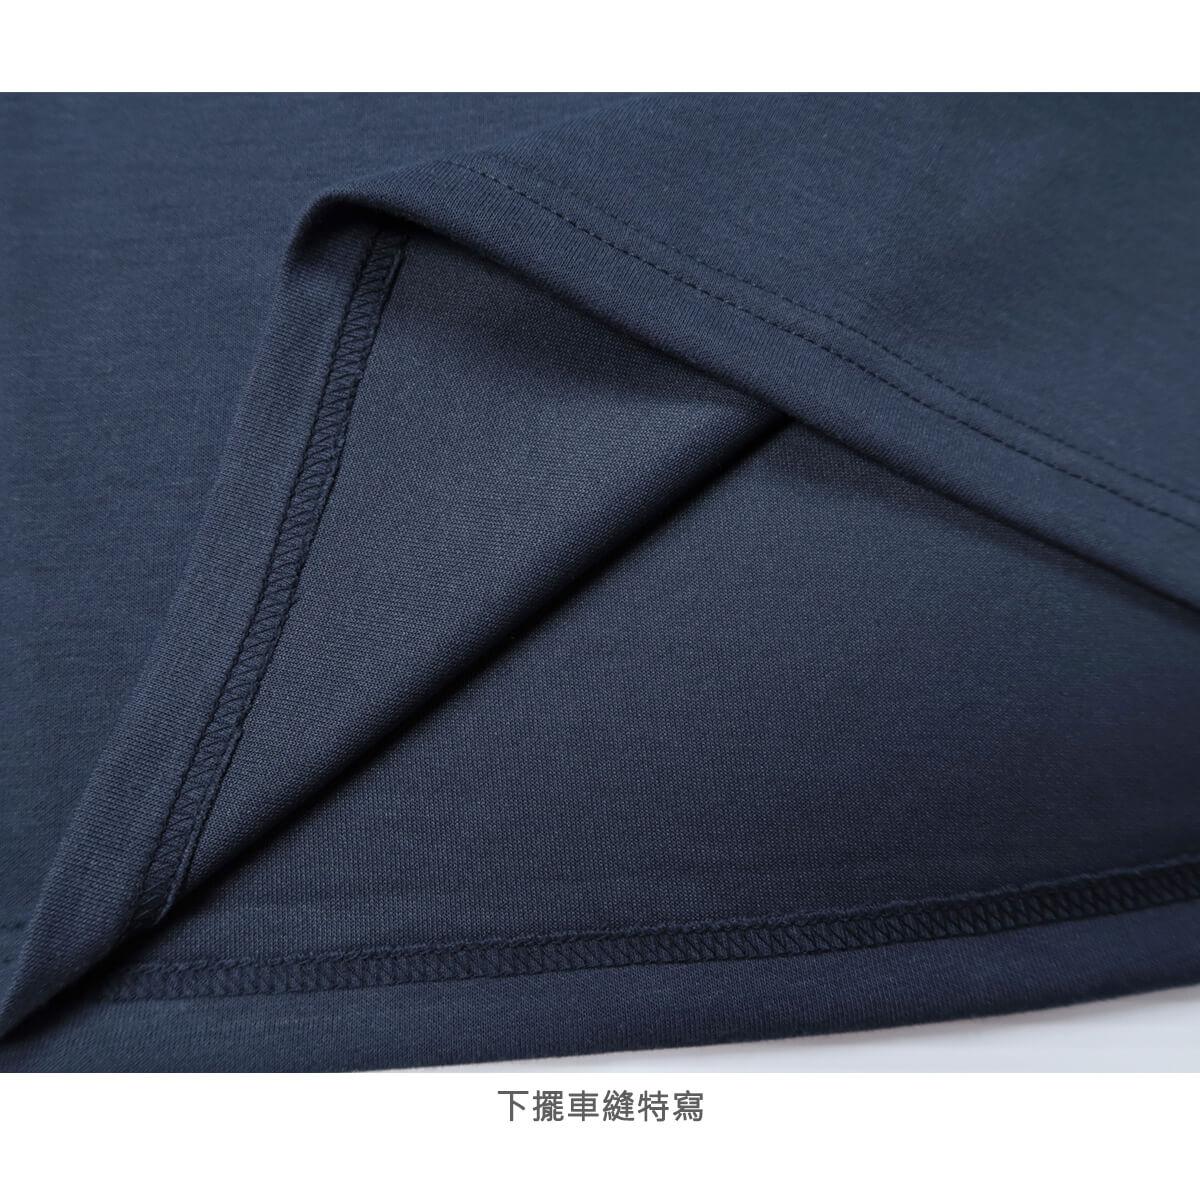 加大尺碼台灣製長袖T恤 哥德體英文字彈性圓領T恤 T-shirt 長袖上衣 休閒長TEE 藍色T恤 黑色T恤 MADE IN TAIWAN NAVY BLUE BIG_AND_TALL (310-0860-08)海軍藍、(310-0860-21)黑色 4L 6L(胸圍52~57英吋) [實體店面保障] sun-e 8